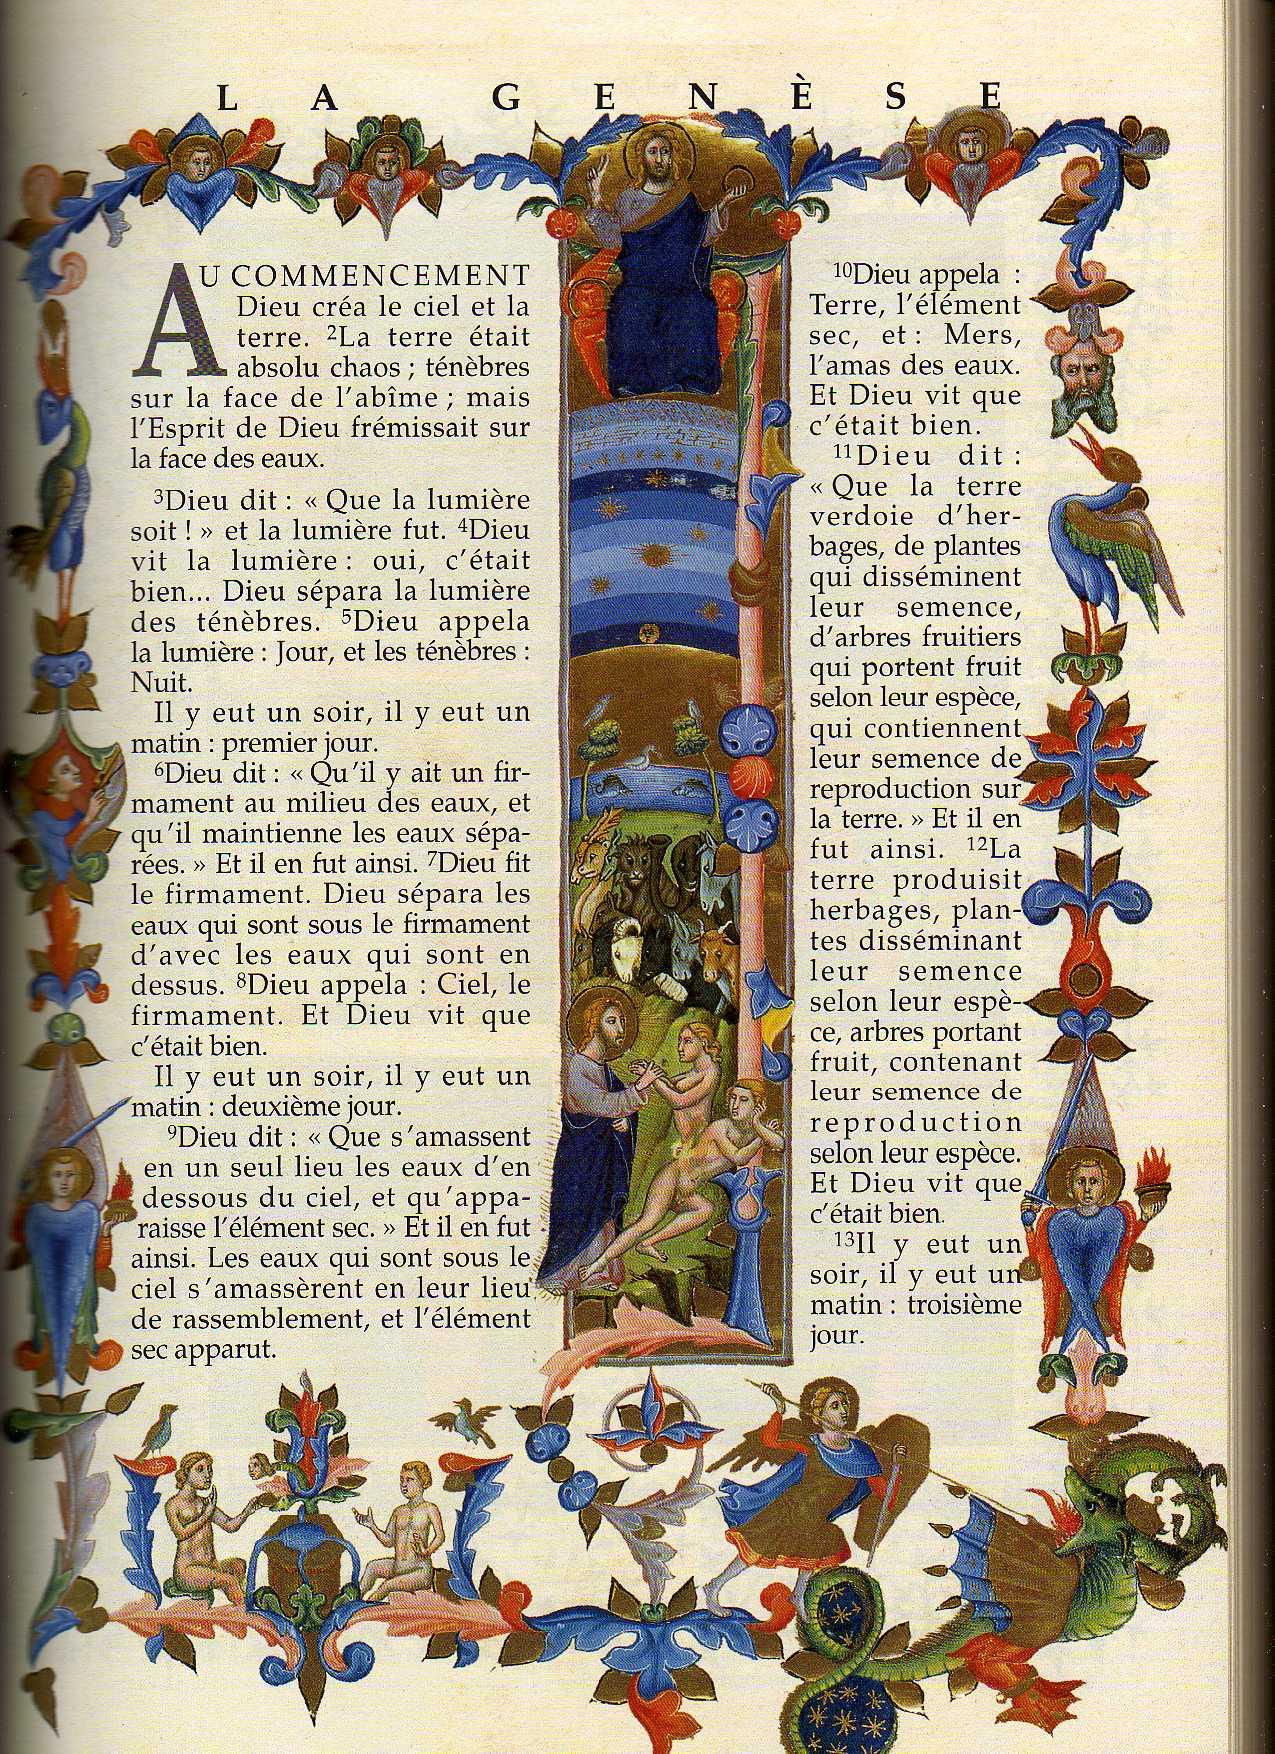 Un passe-temps : copier la Bible  Bible-enlumin-e-ii-57669c2